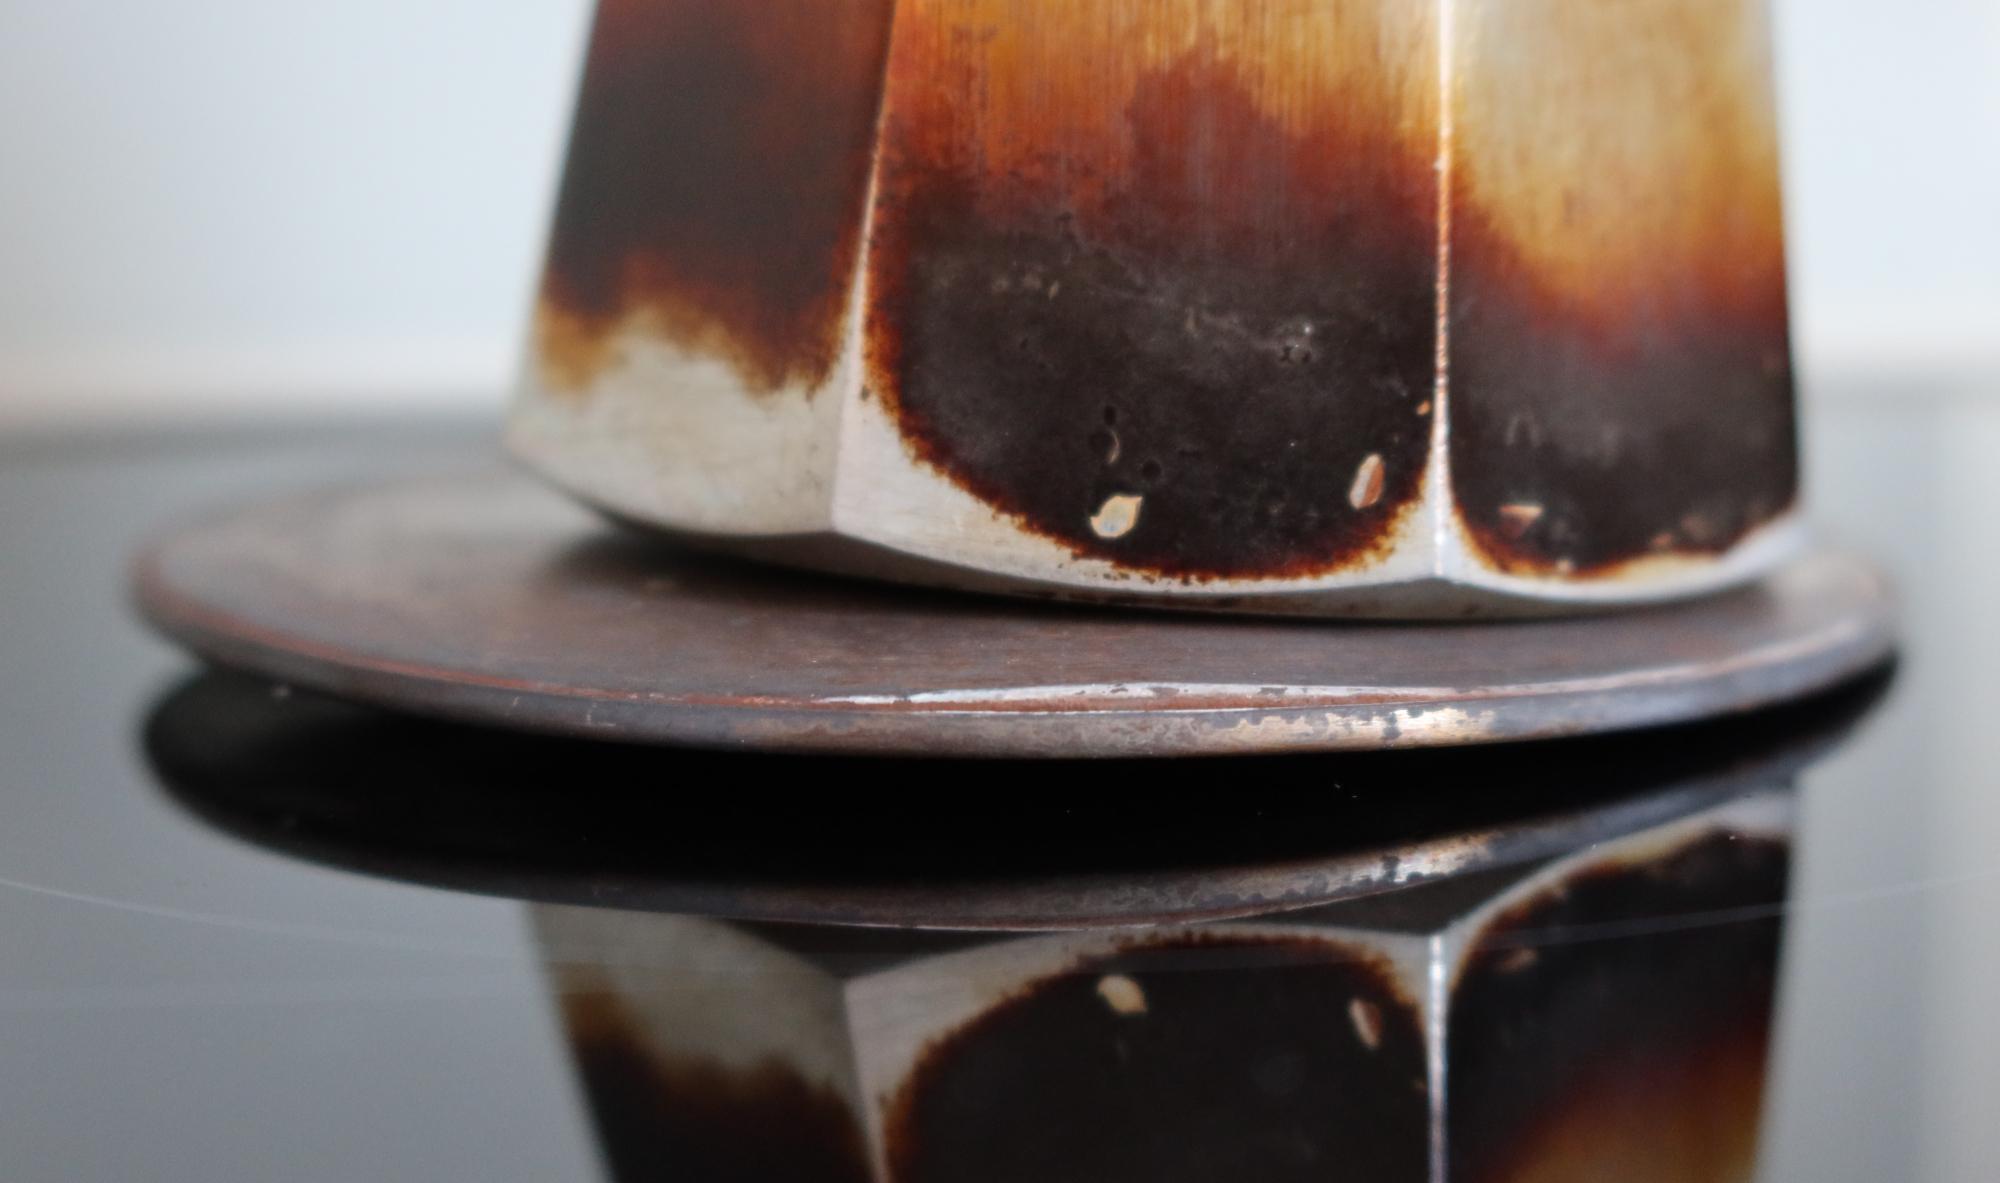 Espressokocher auf einer Adapterplatte für das Induktionskochfeld